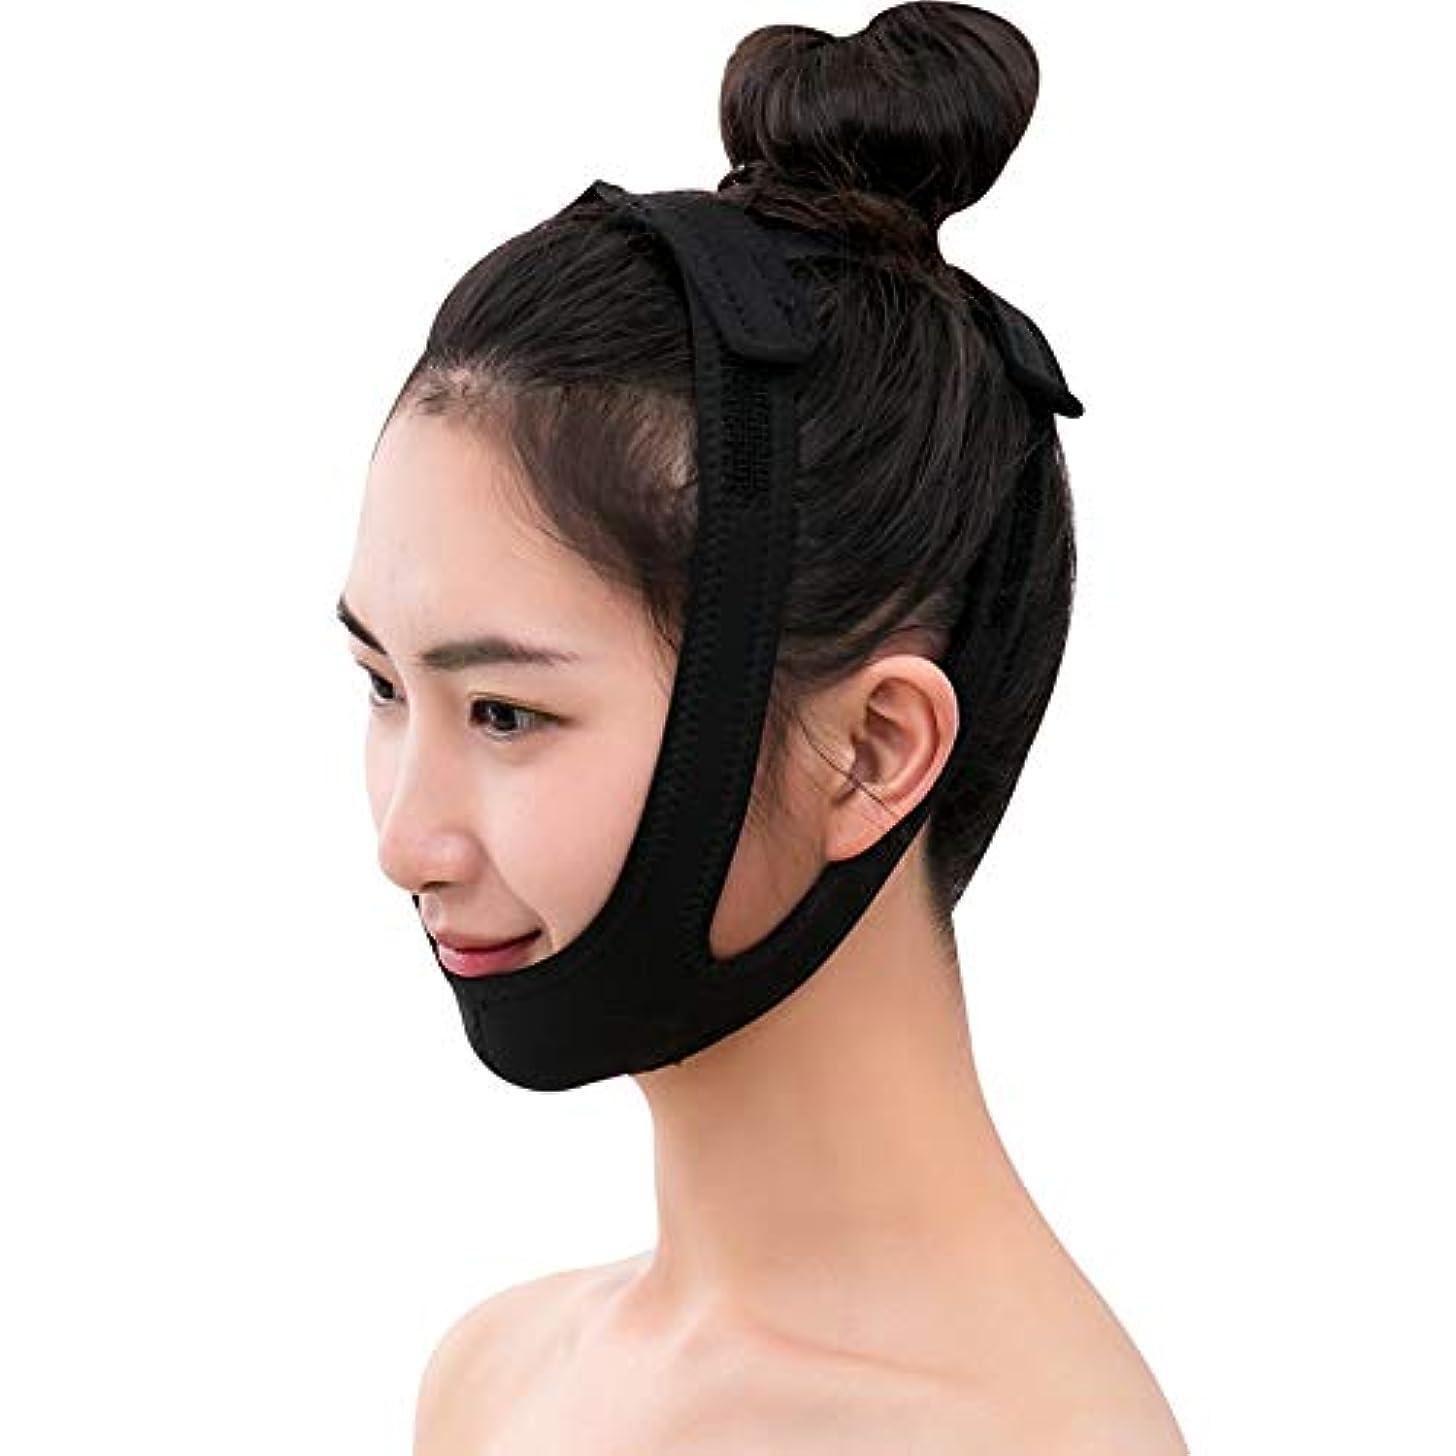 スコットランド人飢え参照薄いフェイスバンド - 薄い顔の包帯ビューティーインストゥルメントフェイシャルリフト睡眠マスク法Vフェイスマスクの通気性を作る 美しさ